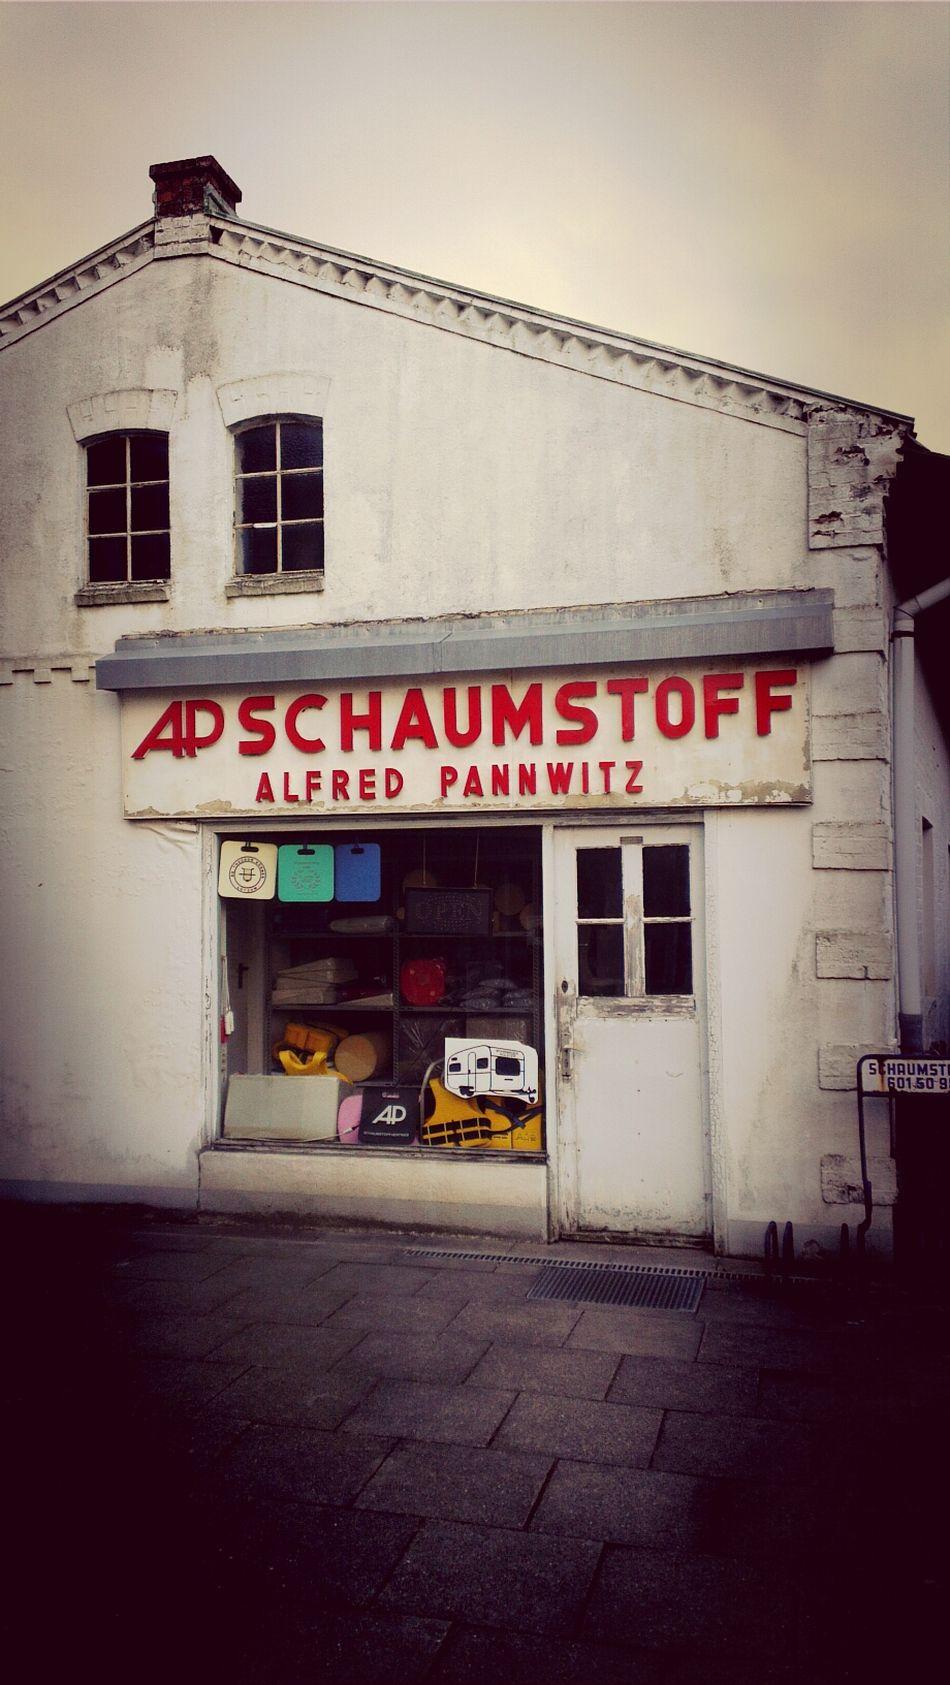 Ein Schaumstoffladen in der Saseler Chaussee in Hamburg. Das Foto ist im Februar 2014 entstanden, könnte aber auch locker 50 Jahre alt sein. Depressiver Realismus